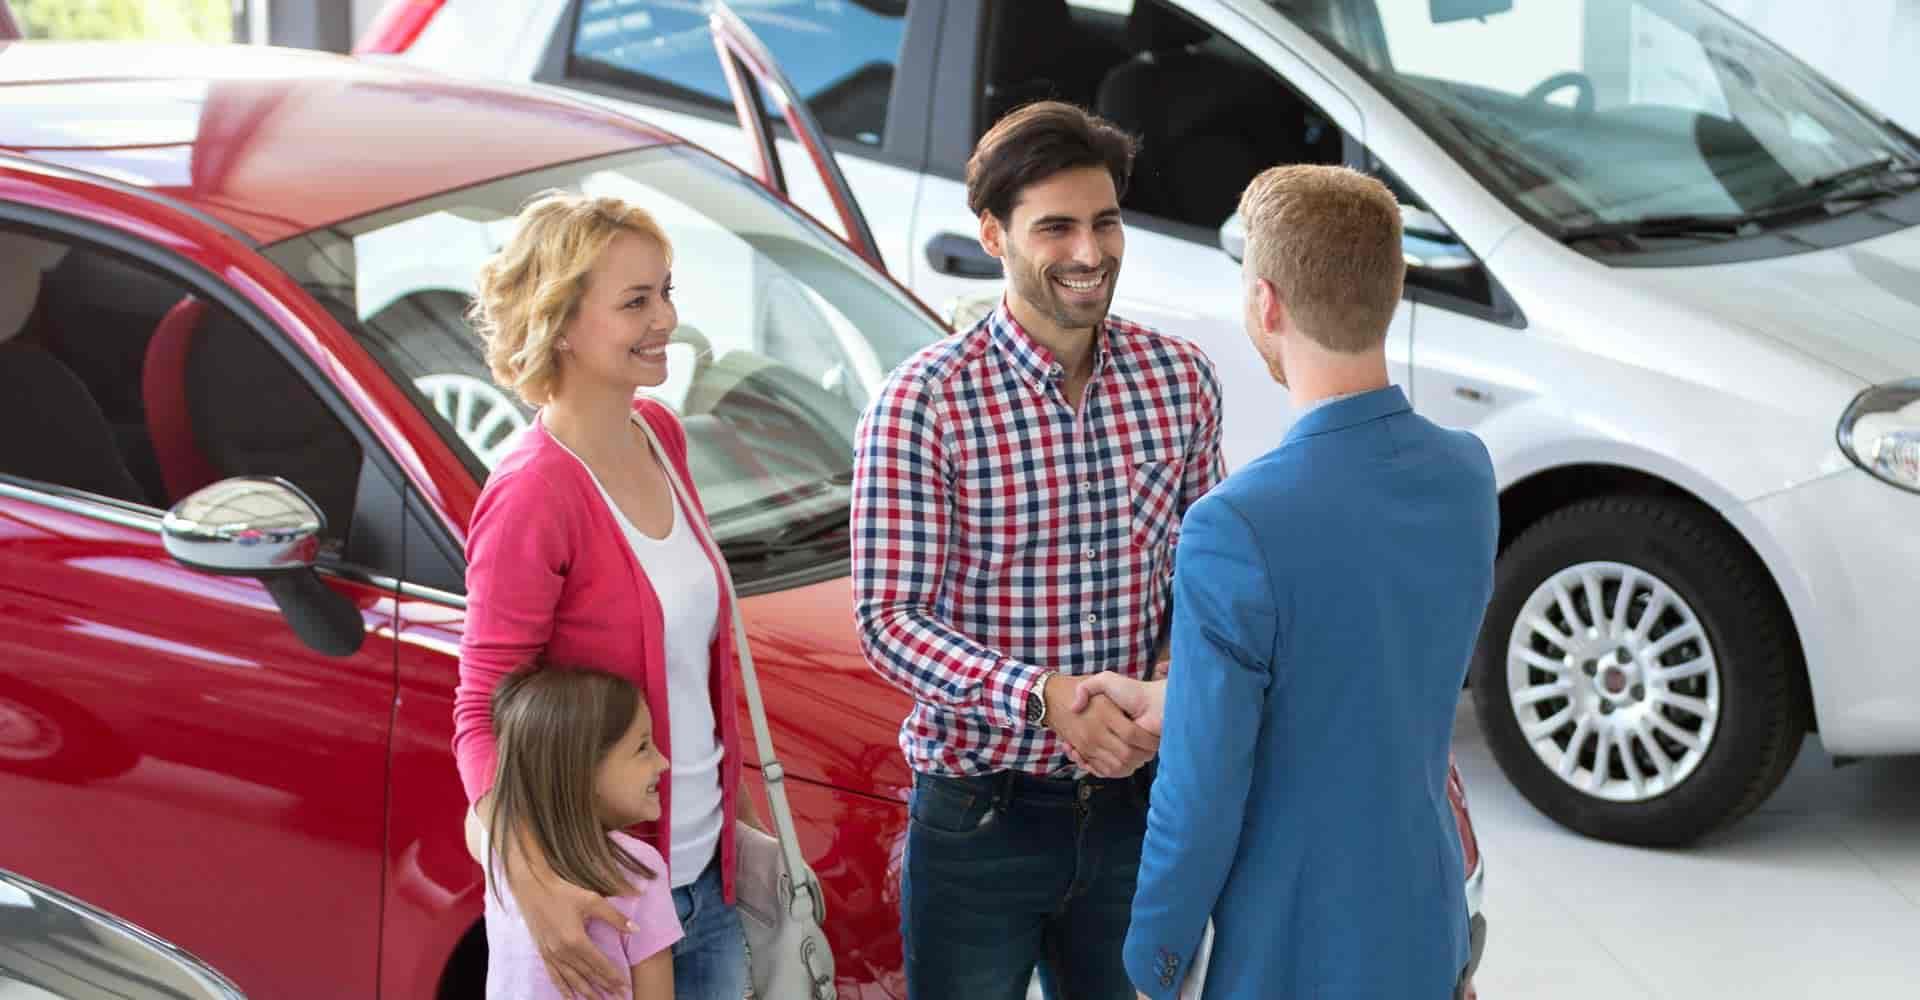 hodnota vozidla, predaj vozidla, ľudia podávajúci si ruky